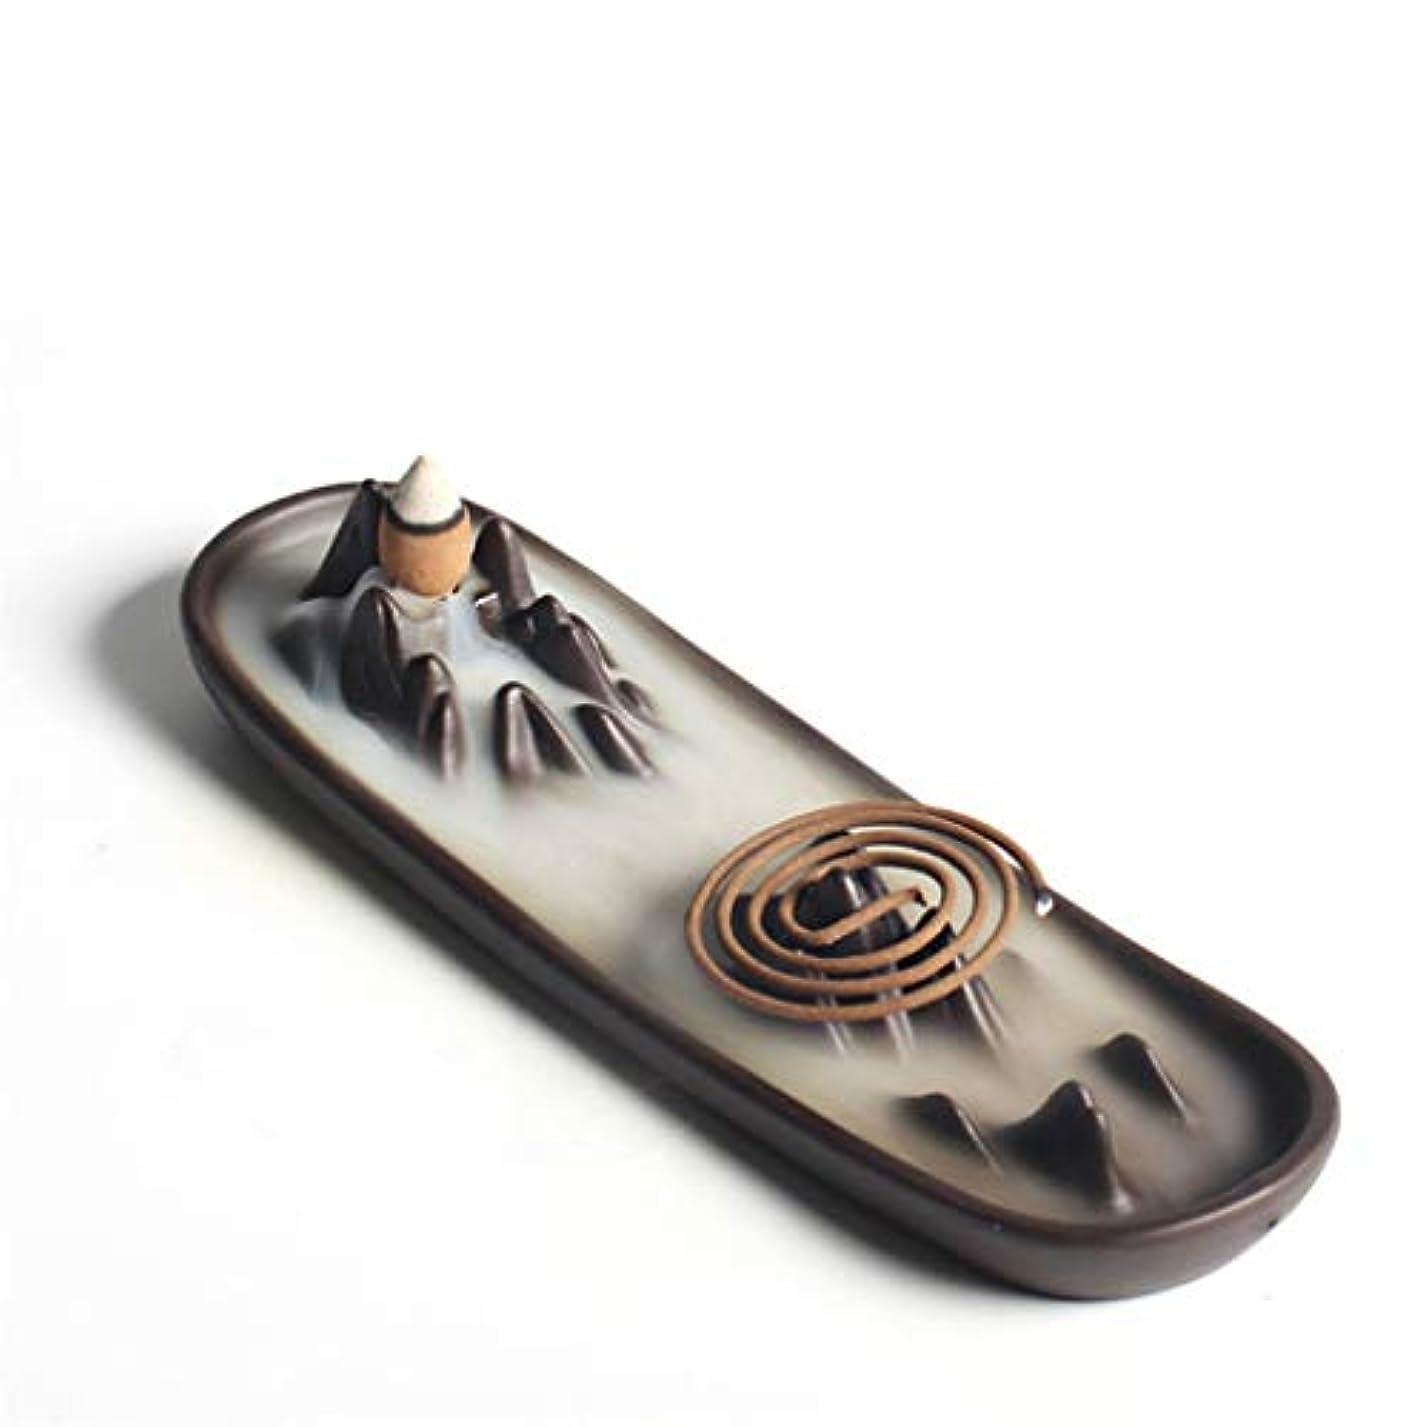 数学的な告白するやさしく芳香器?アロマバーナー 逆流香バーナー家の装飾セラミックアロマセラピー仏教の滝香炉香コイルスティックホルダー 芳香器?アロマバーナー (Color : A)